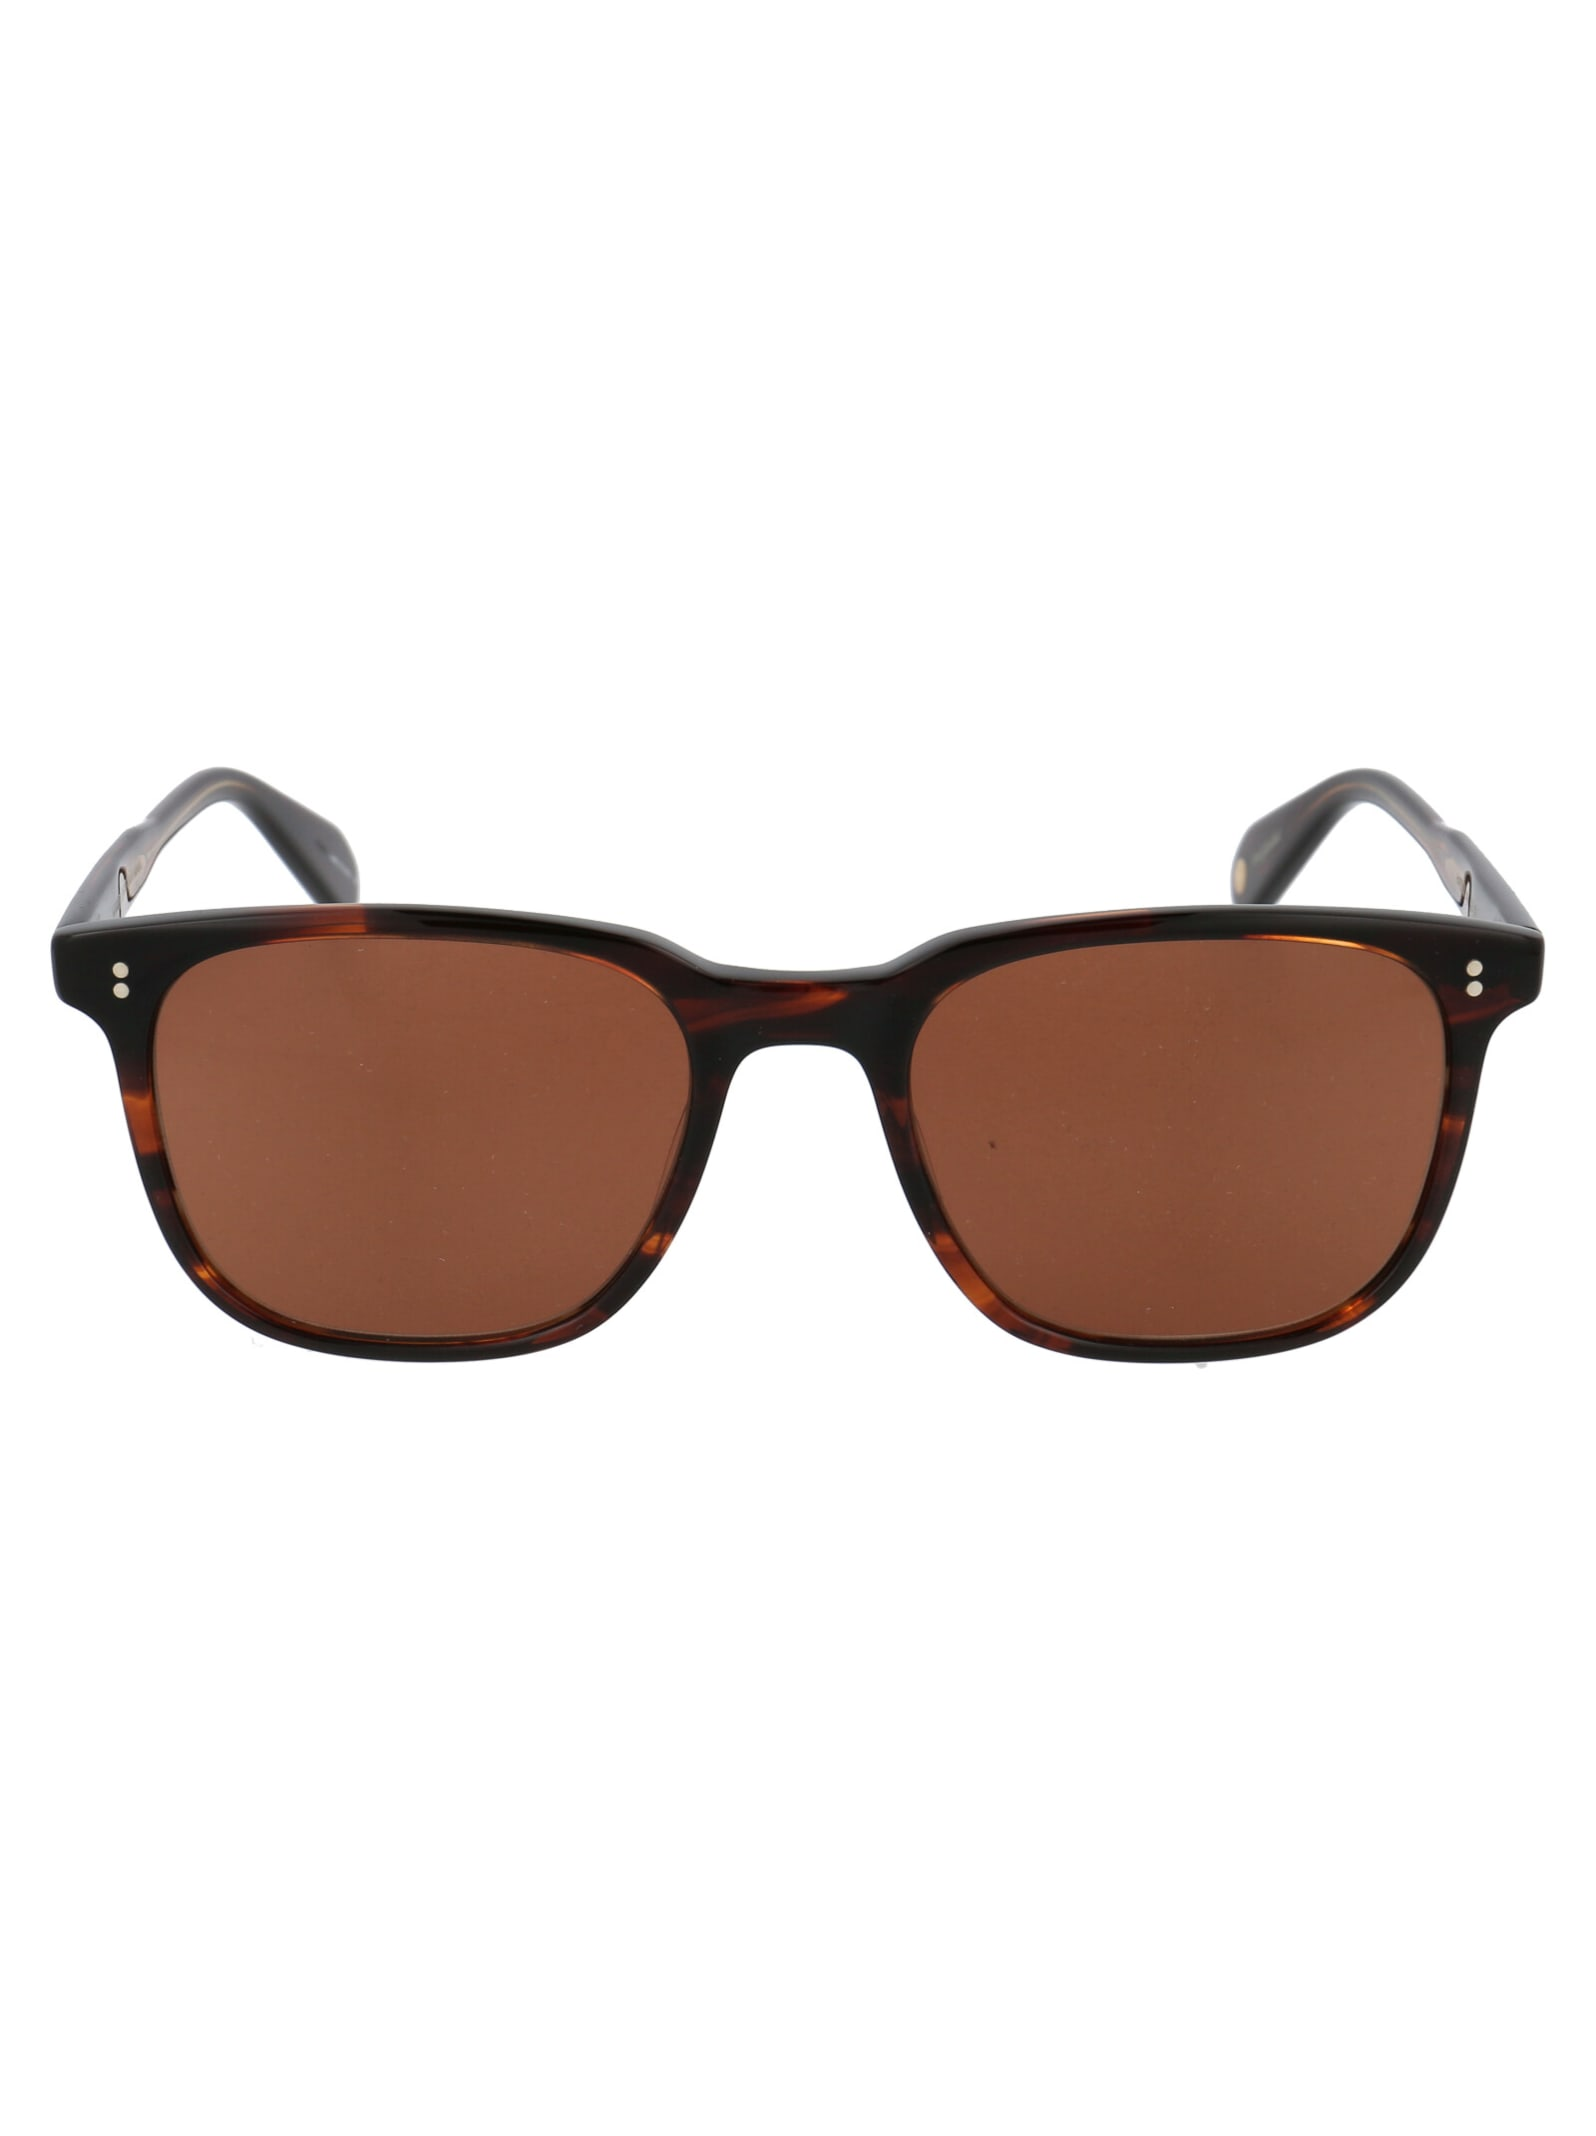 Emperor Sunglasses